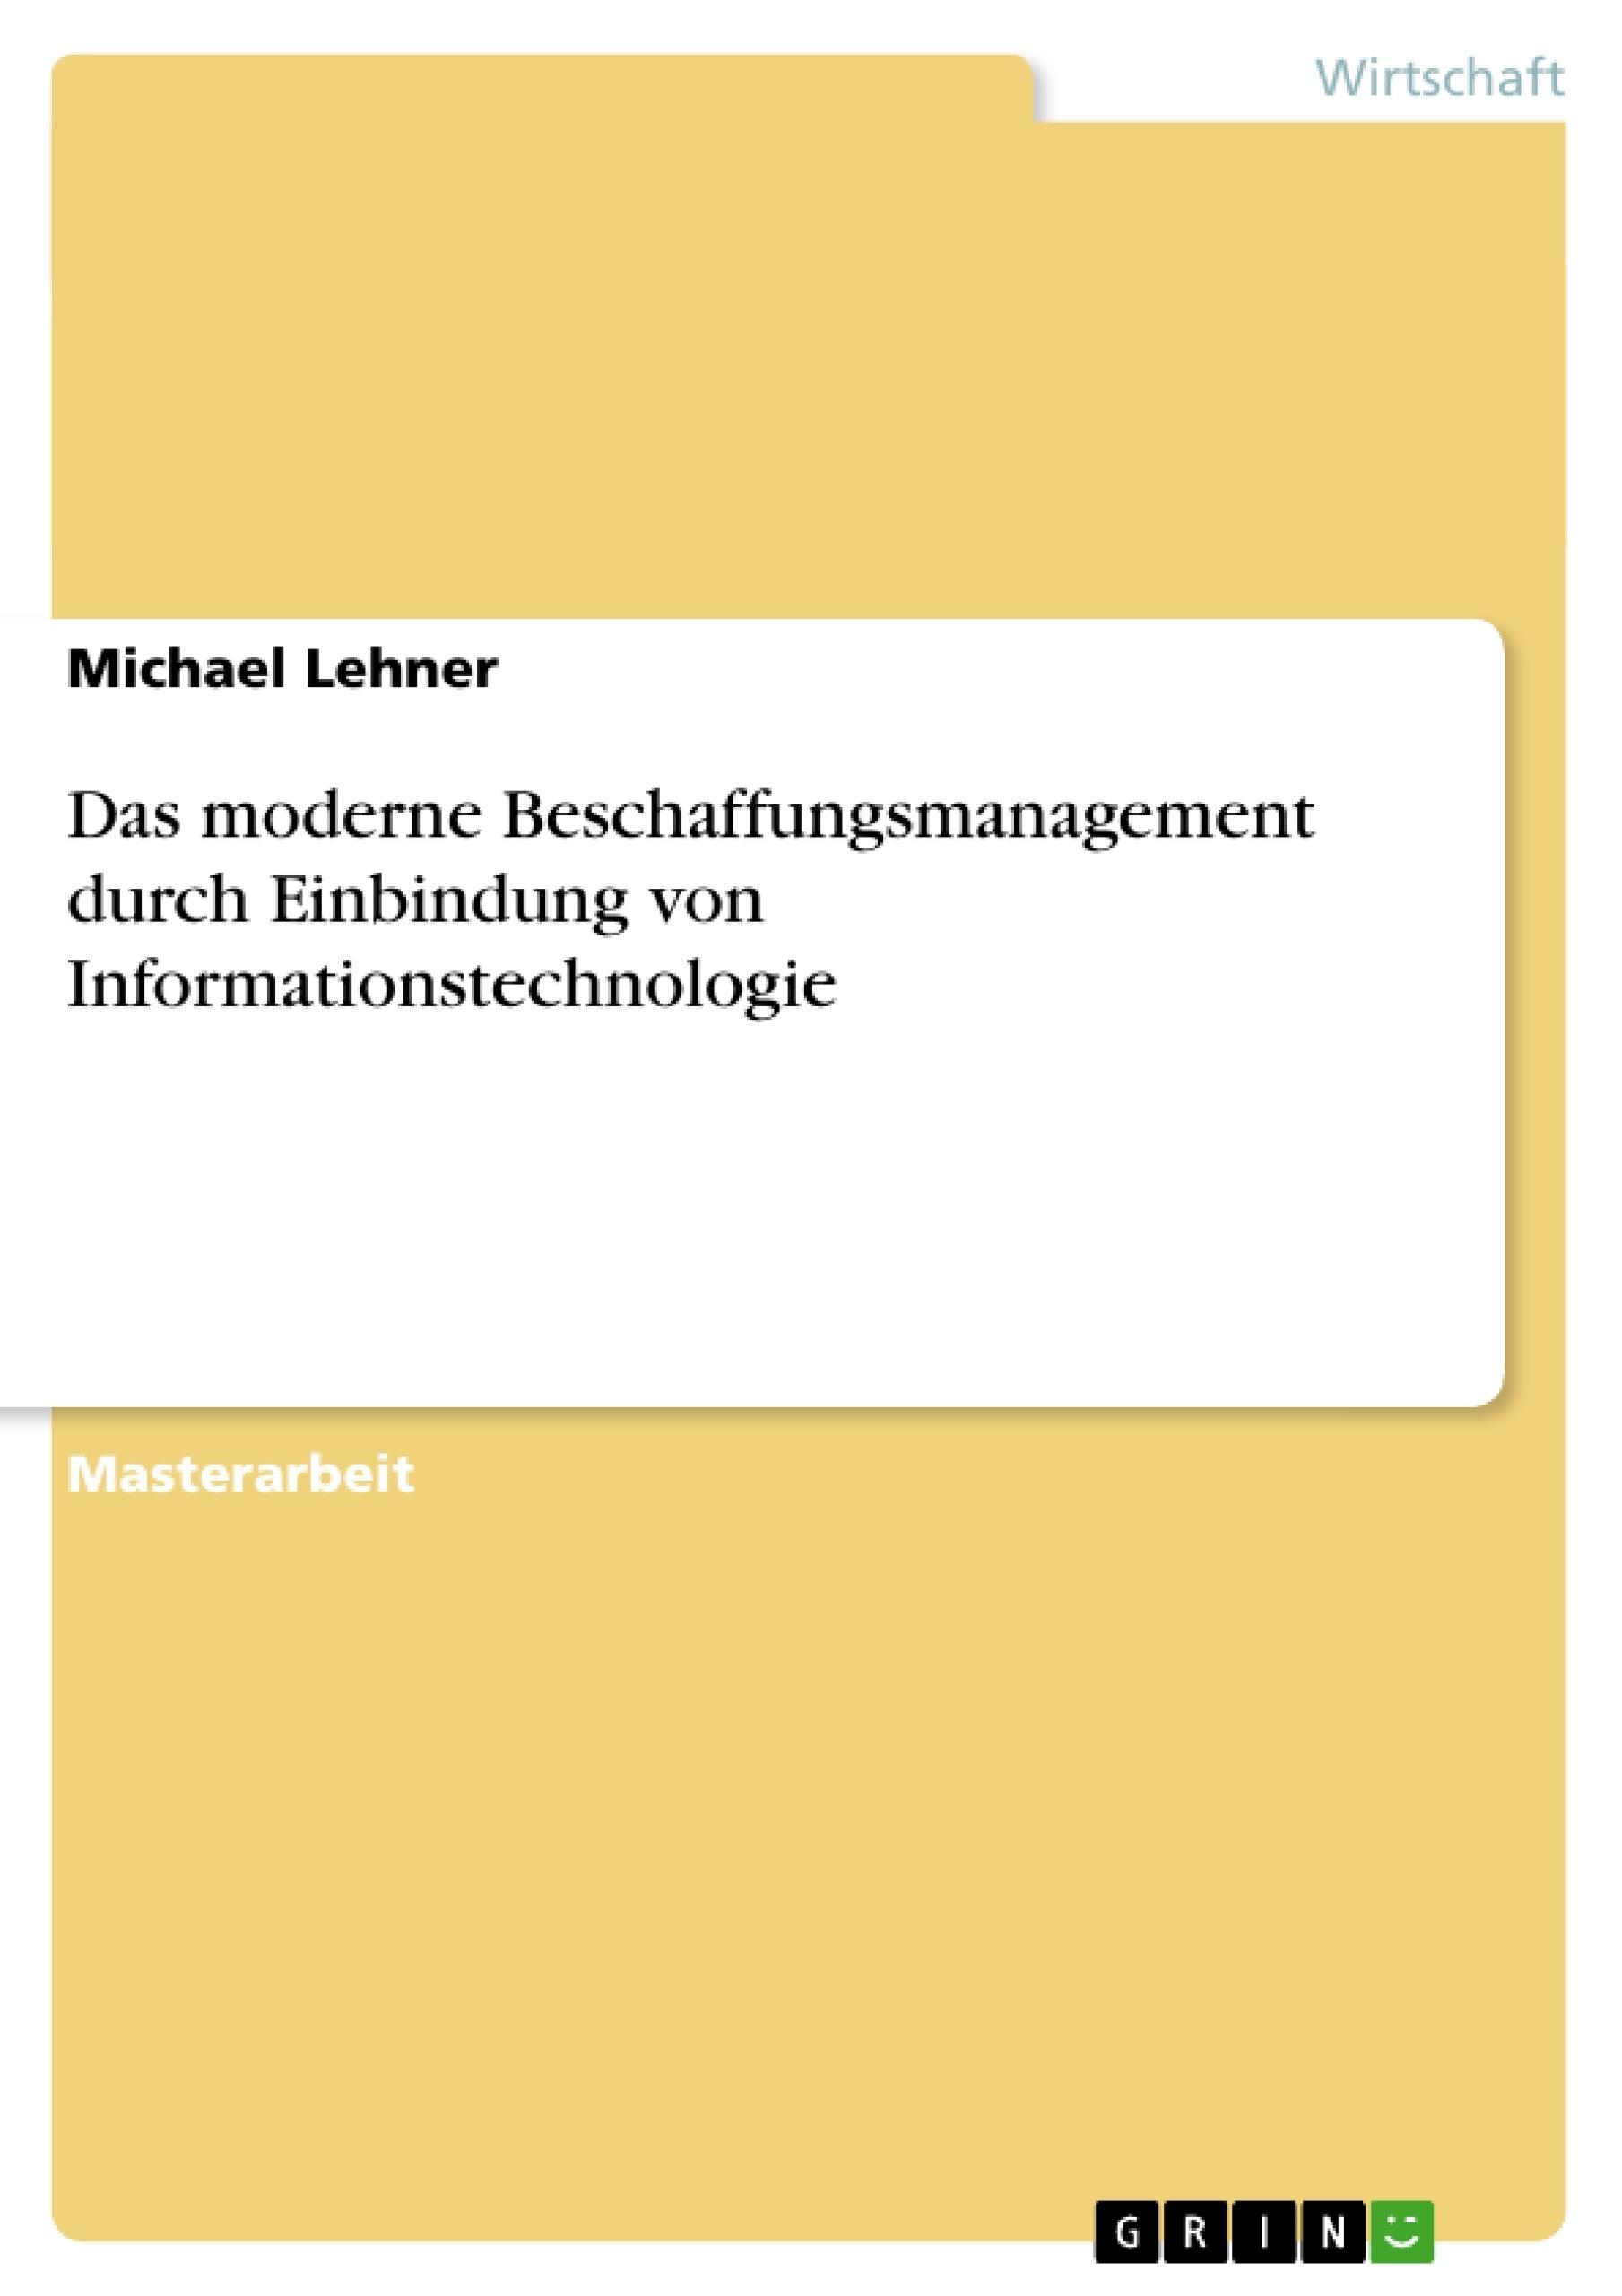 Titel: Das moderne Beschaffungsmanagement durch Einbindung von Informationstechnologie